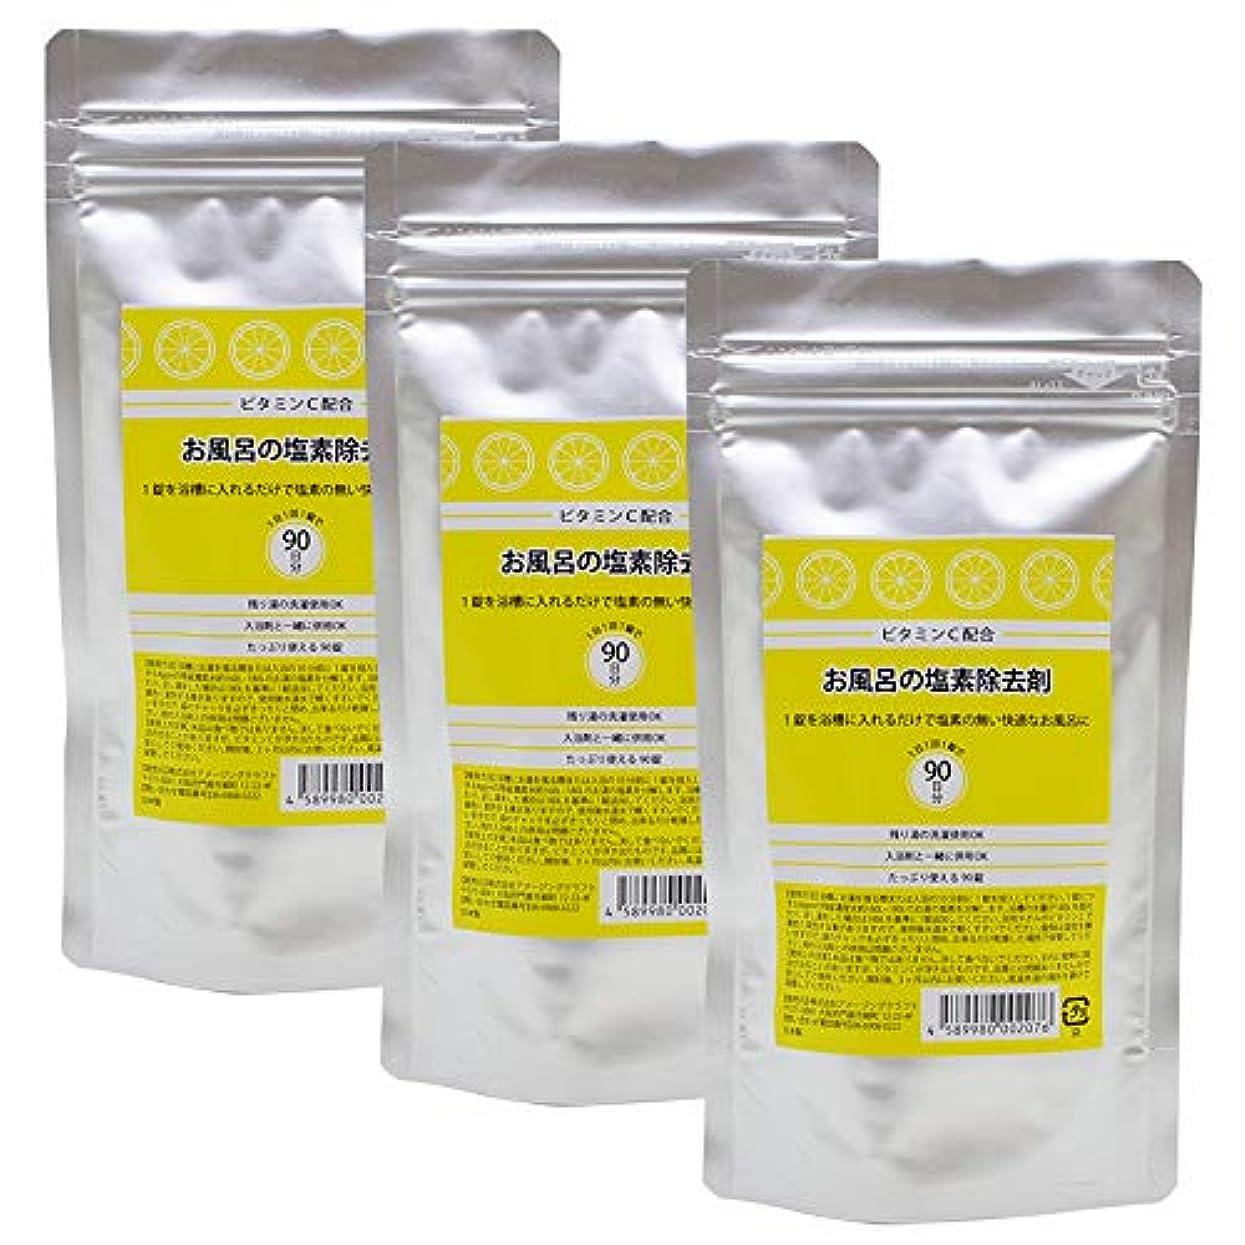 バージン喉頭モンクビタミンC配合 お風呂の塩素除去剤 錠剤タイプ 90錠 3個セット 浴槽用脱塩素剤